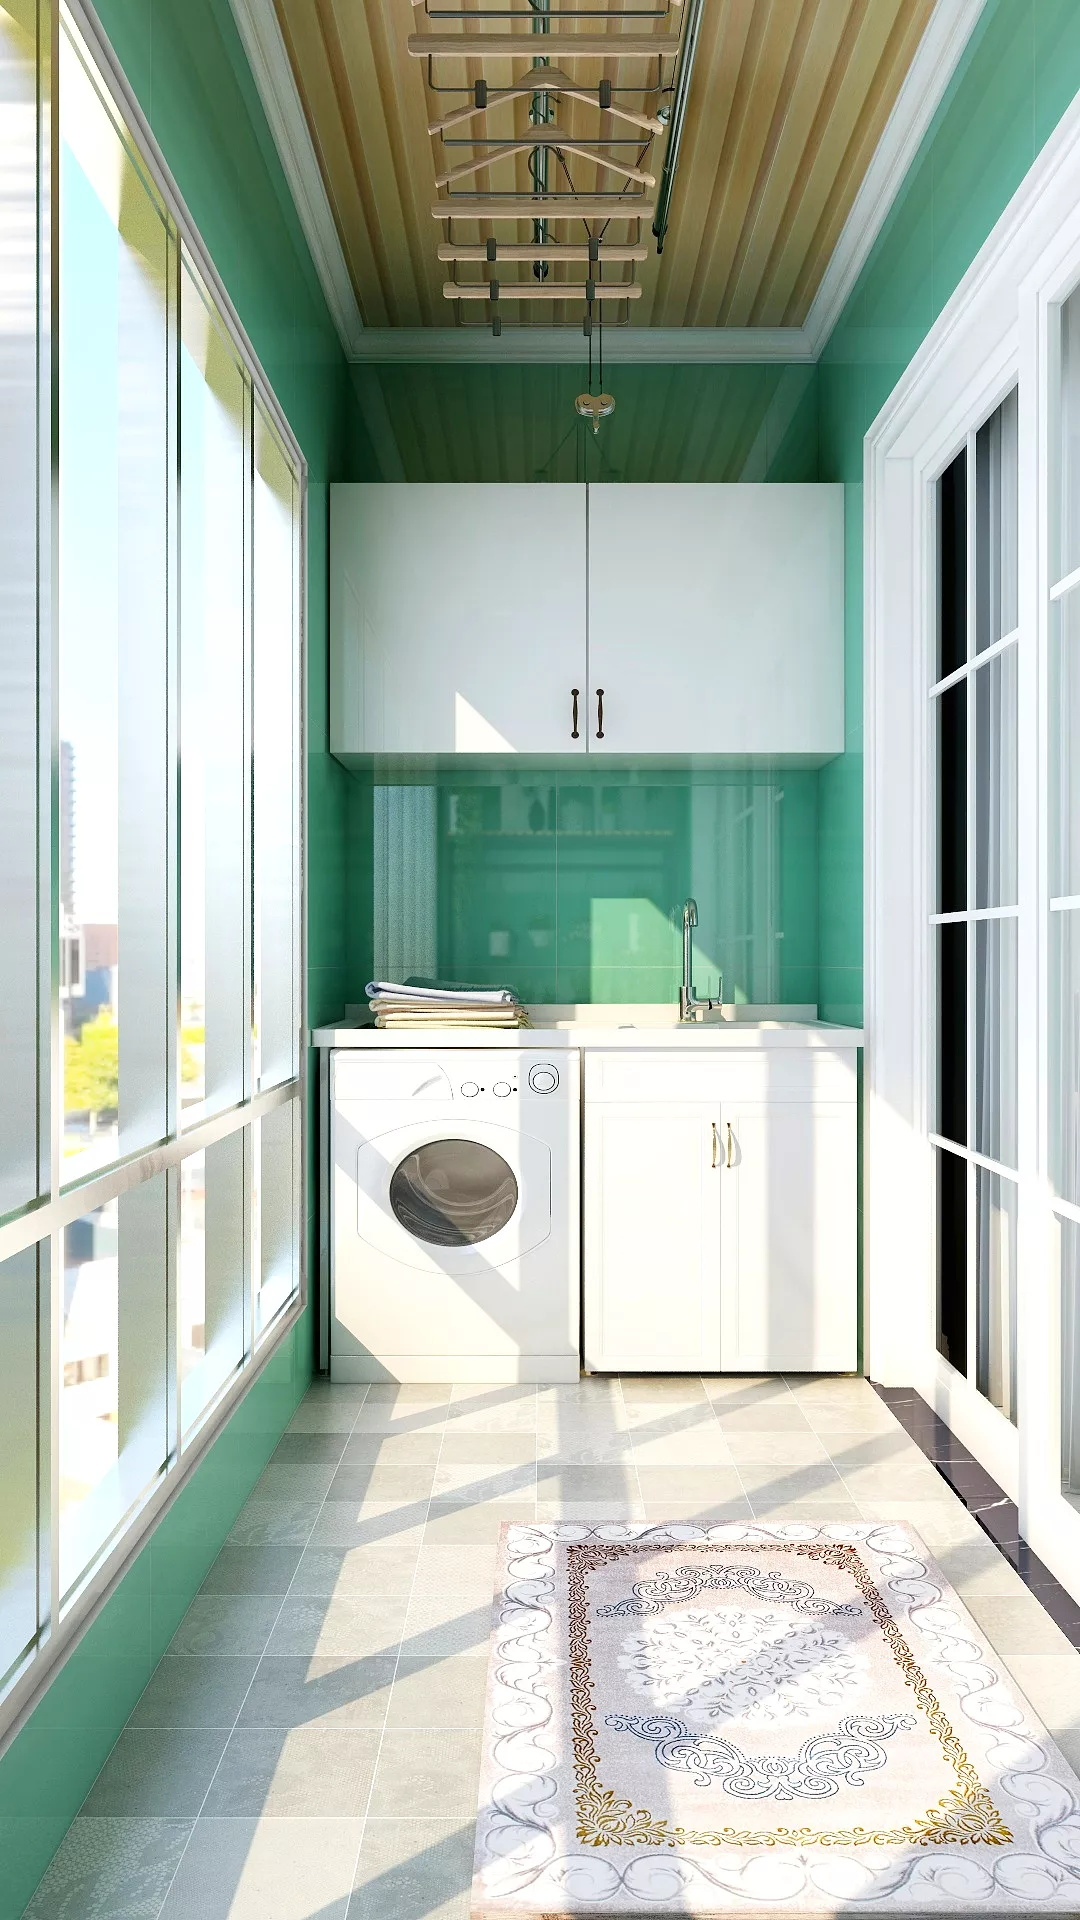 老人房卧室装修用什么颜色比较好呢?